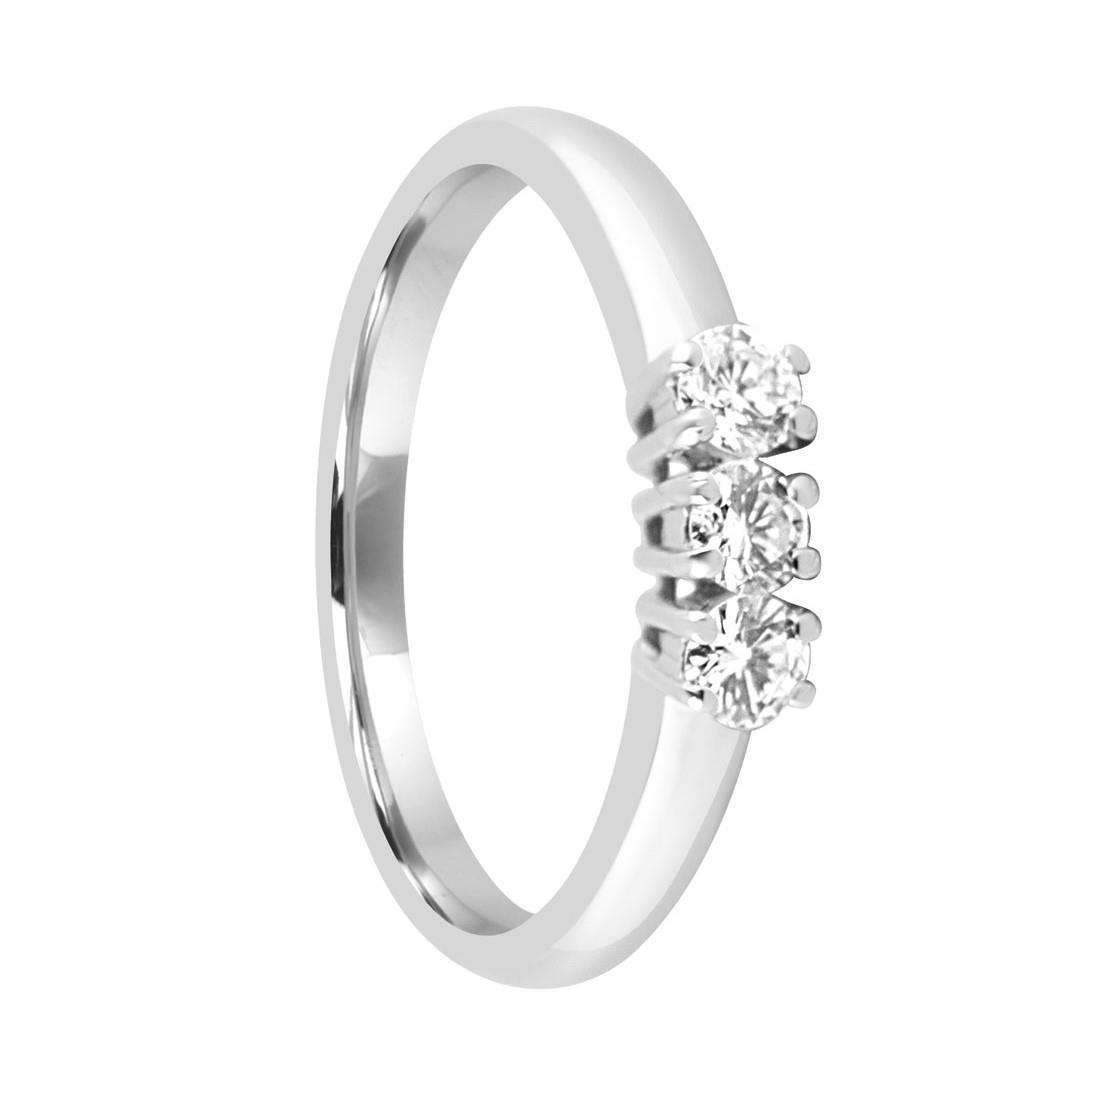 Anello trilogy in oro bianco con diamanti mis 14 - ALFIERI & ST.JOHN